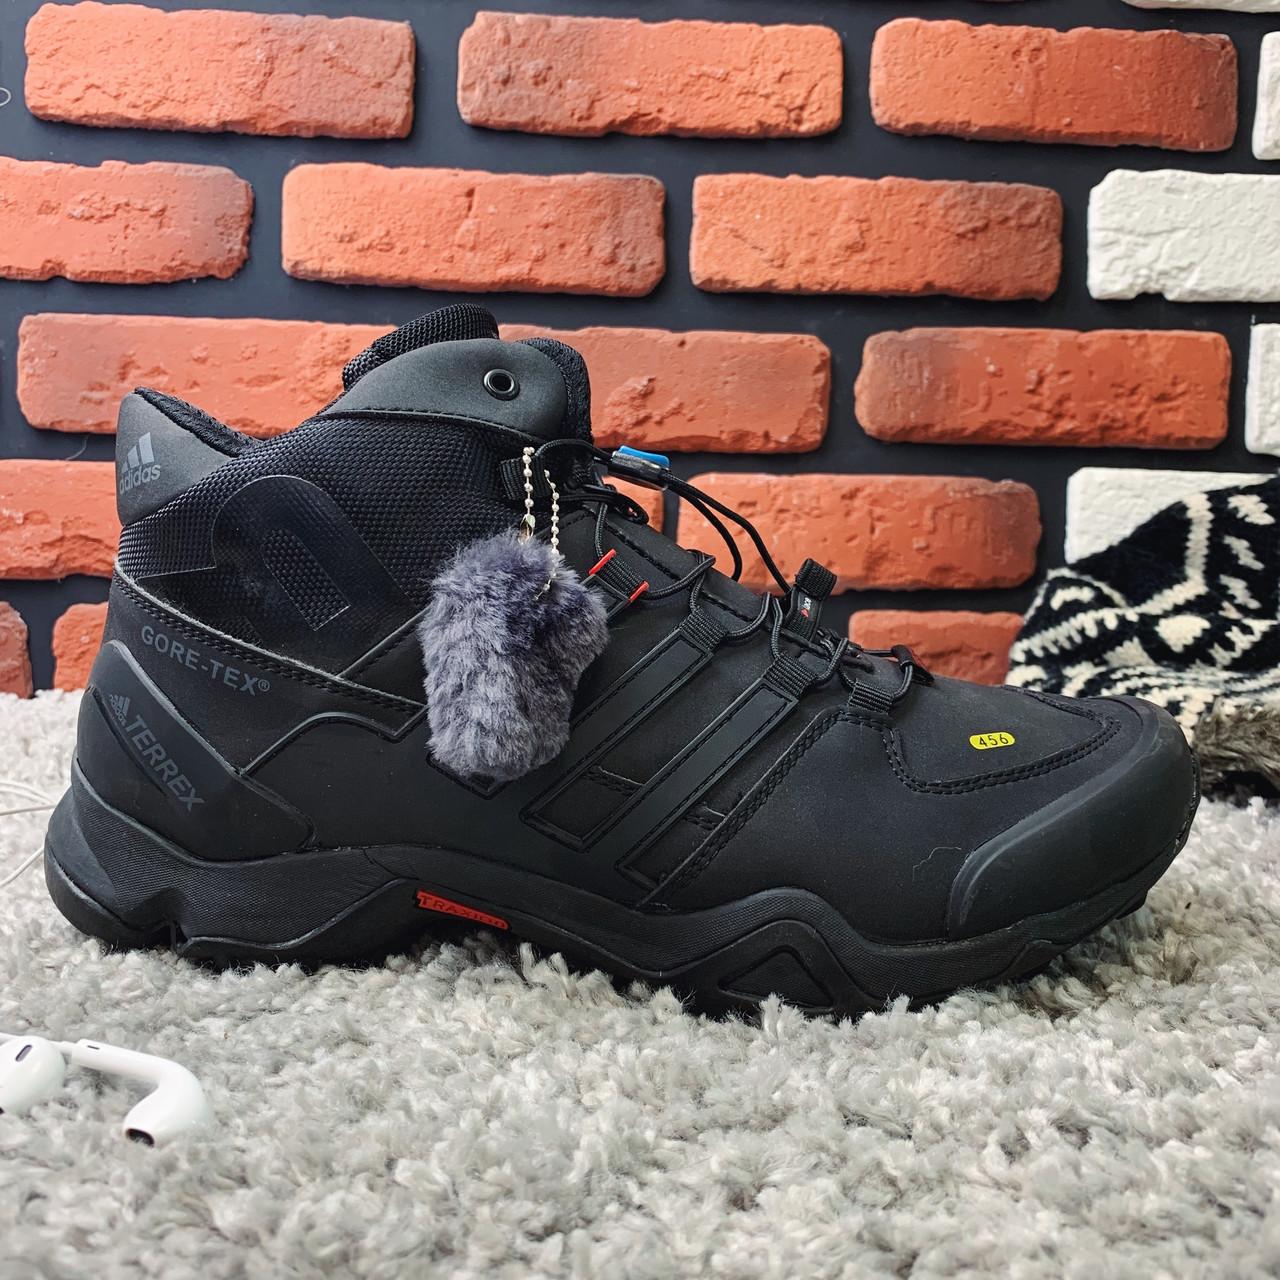 Зимние ботинки (на меху) мужские Adidas Terrex (реплика) 3-142 ⏩ [ 43,44,44,46 ]